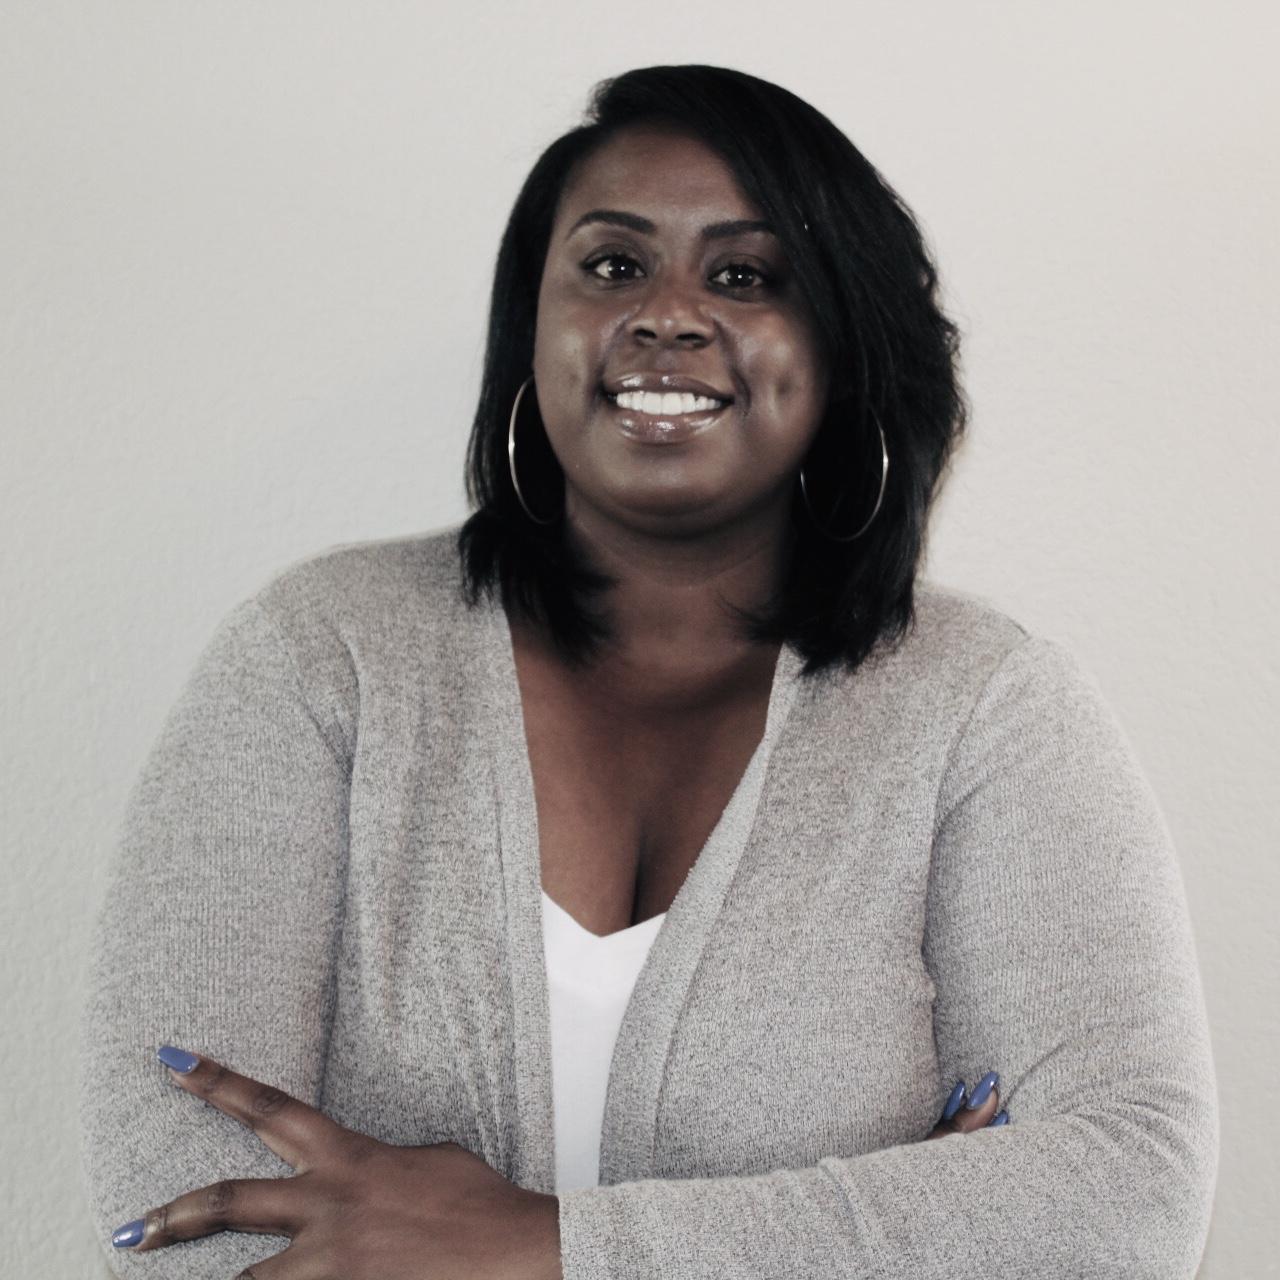 Kayla Jefferson